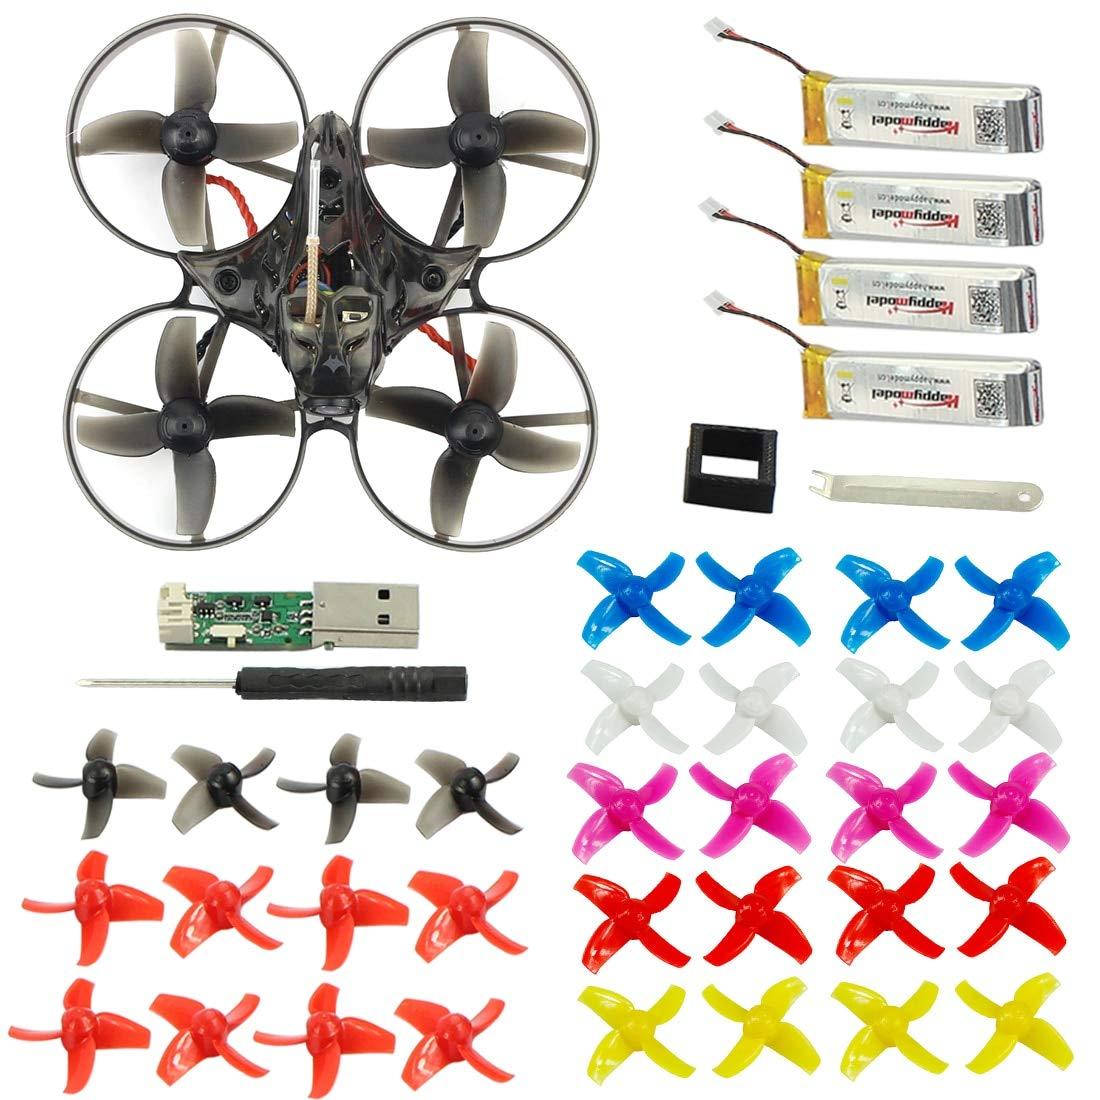 Frsky EULBT Standar Laliva Mobula7 75mm Wheelbase 2S Brushless BWhoop FPV Racing Drone w  Motor Body Shell Transmitter Lipo Battery Kids Toys  (color  Frsky EULBT Standar)